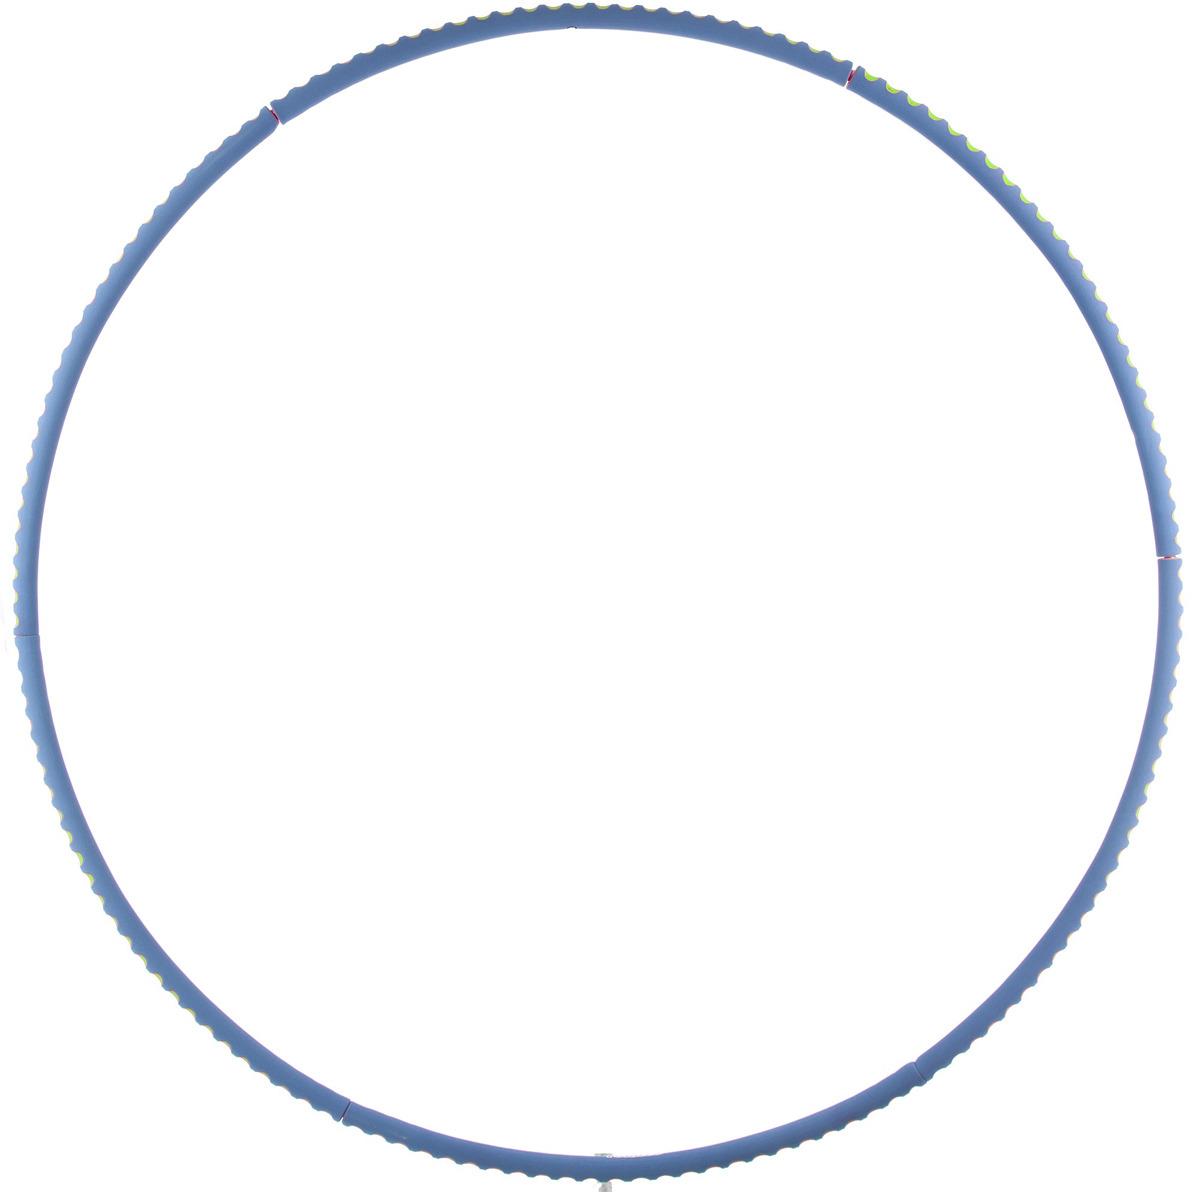 все цены на Обруч для фитнеса Torneo, цвет: синий онлайн